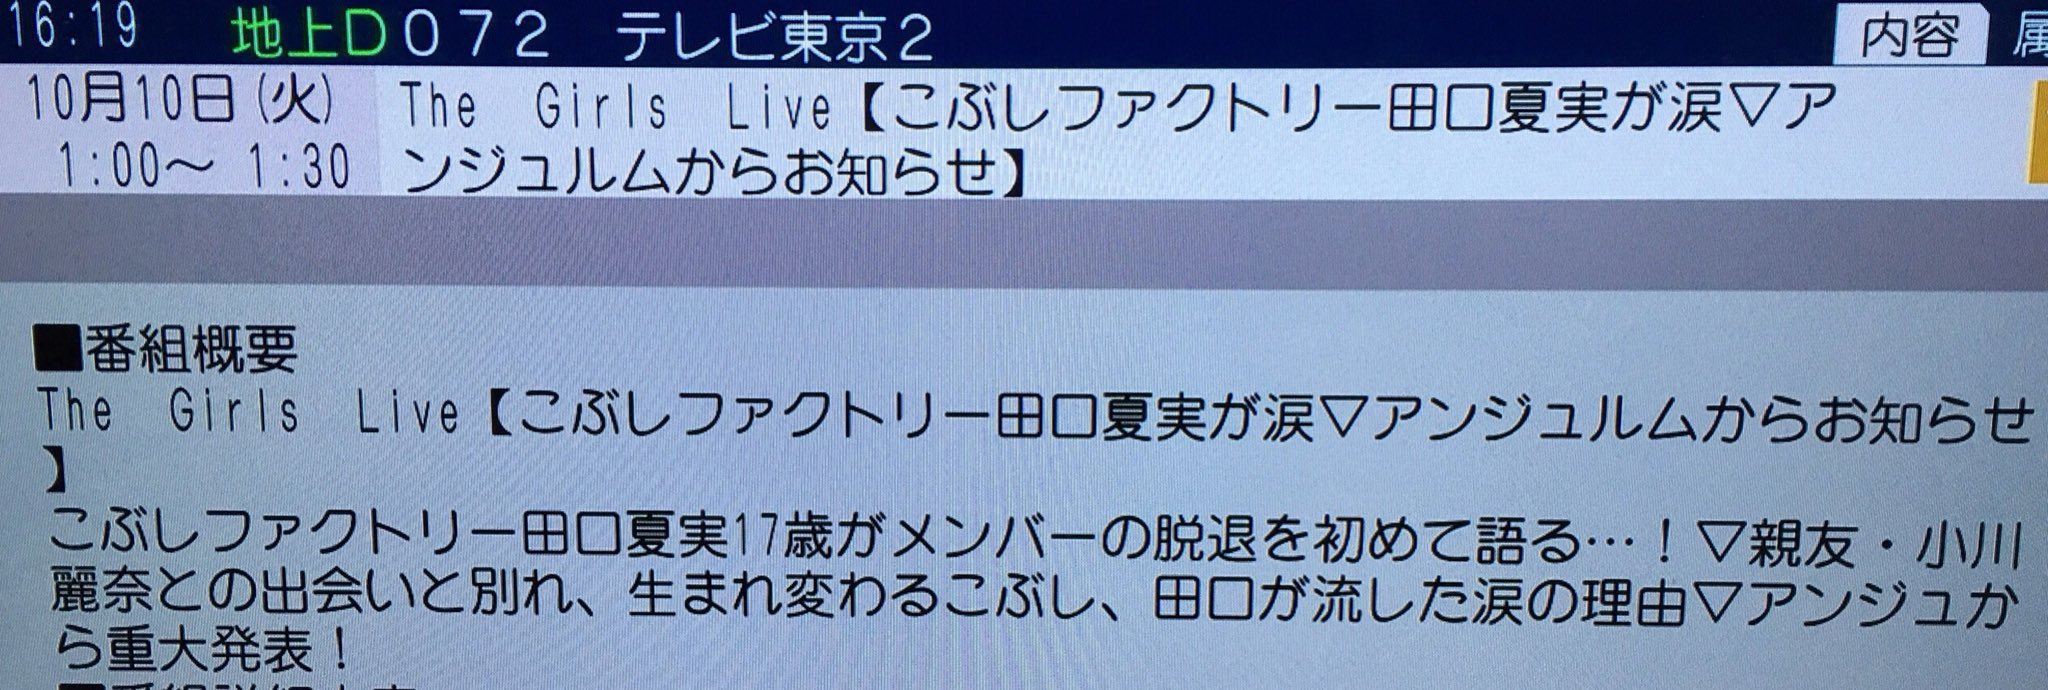 【エンタメ画像】アンジュルムから重大発表!!!!!!!!